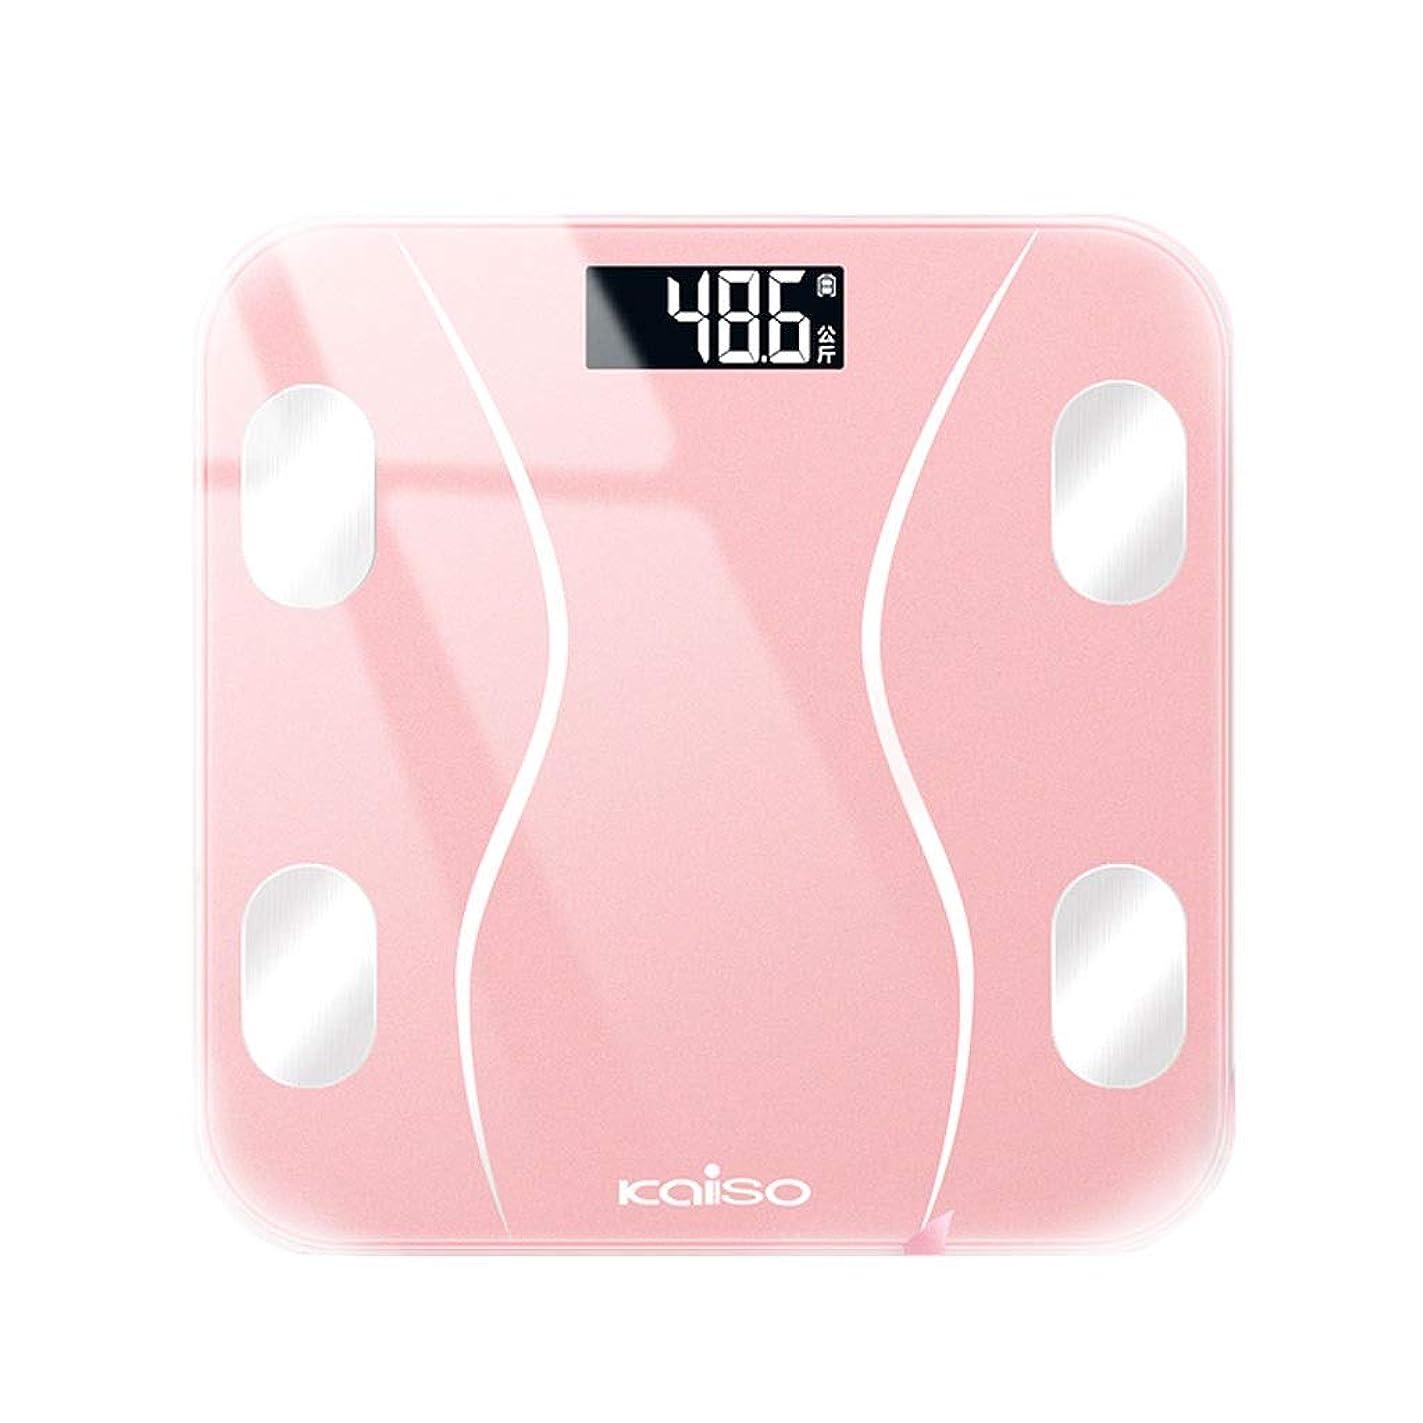 によって対処単位ピンクの体脂肪のスケール、正確で、健康な人体 - バランスのスケールの重量を量ること、家の寮のガラスのための小さい電子人間のスケール